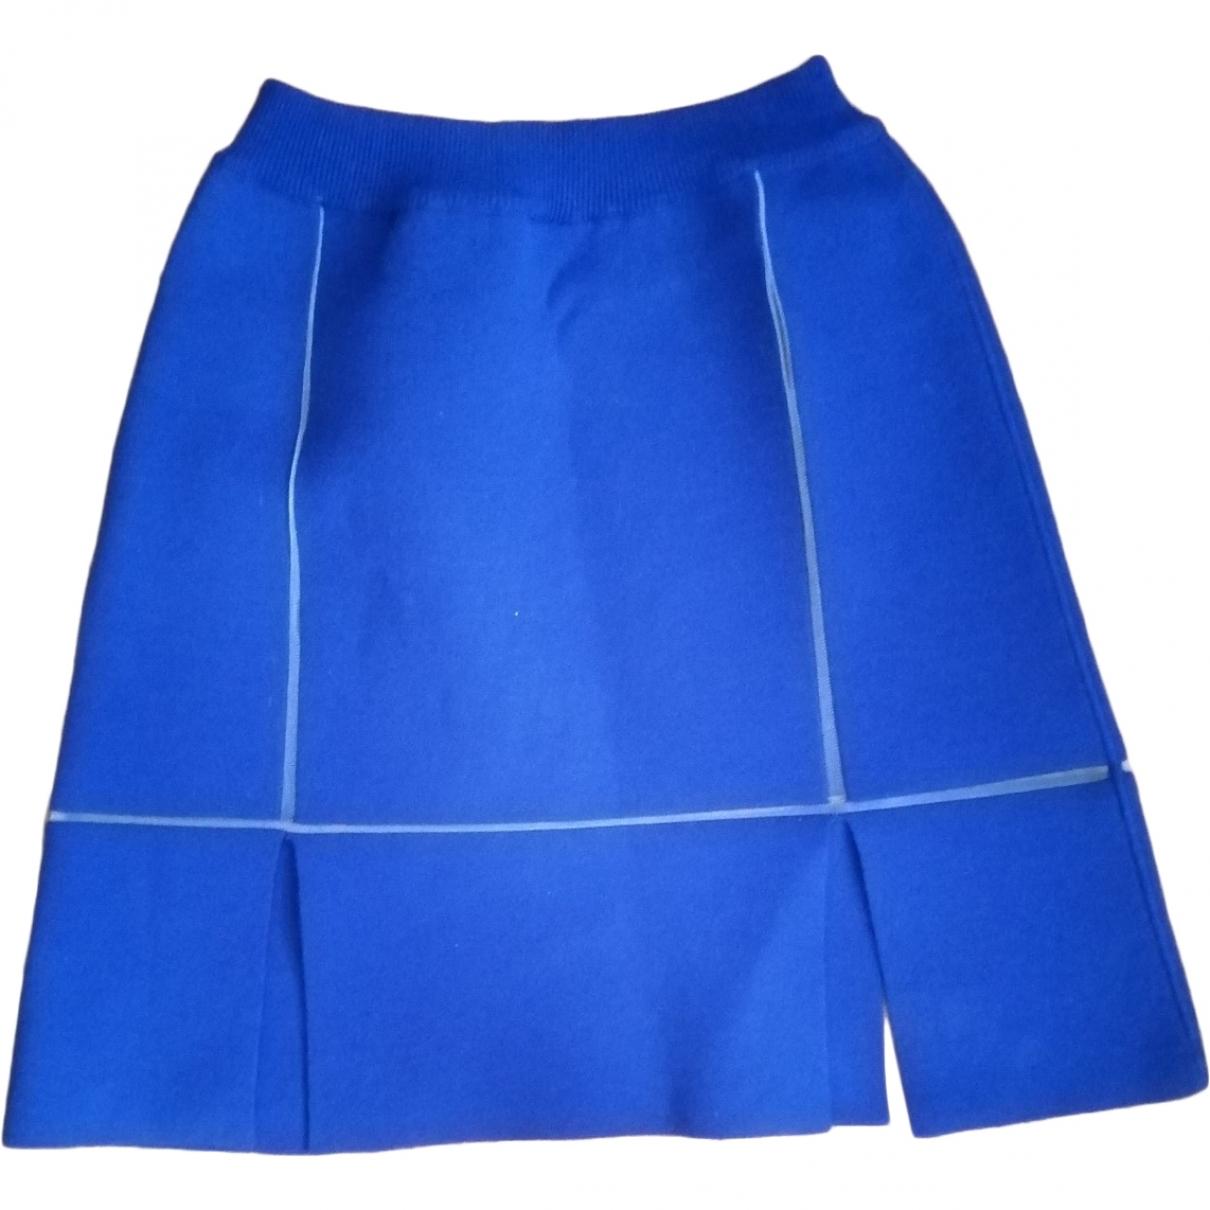 Courrèges \N Blue skirt for Women 36 FR